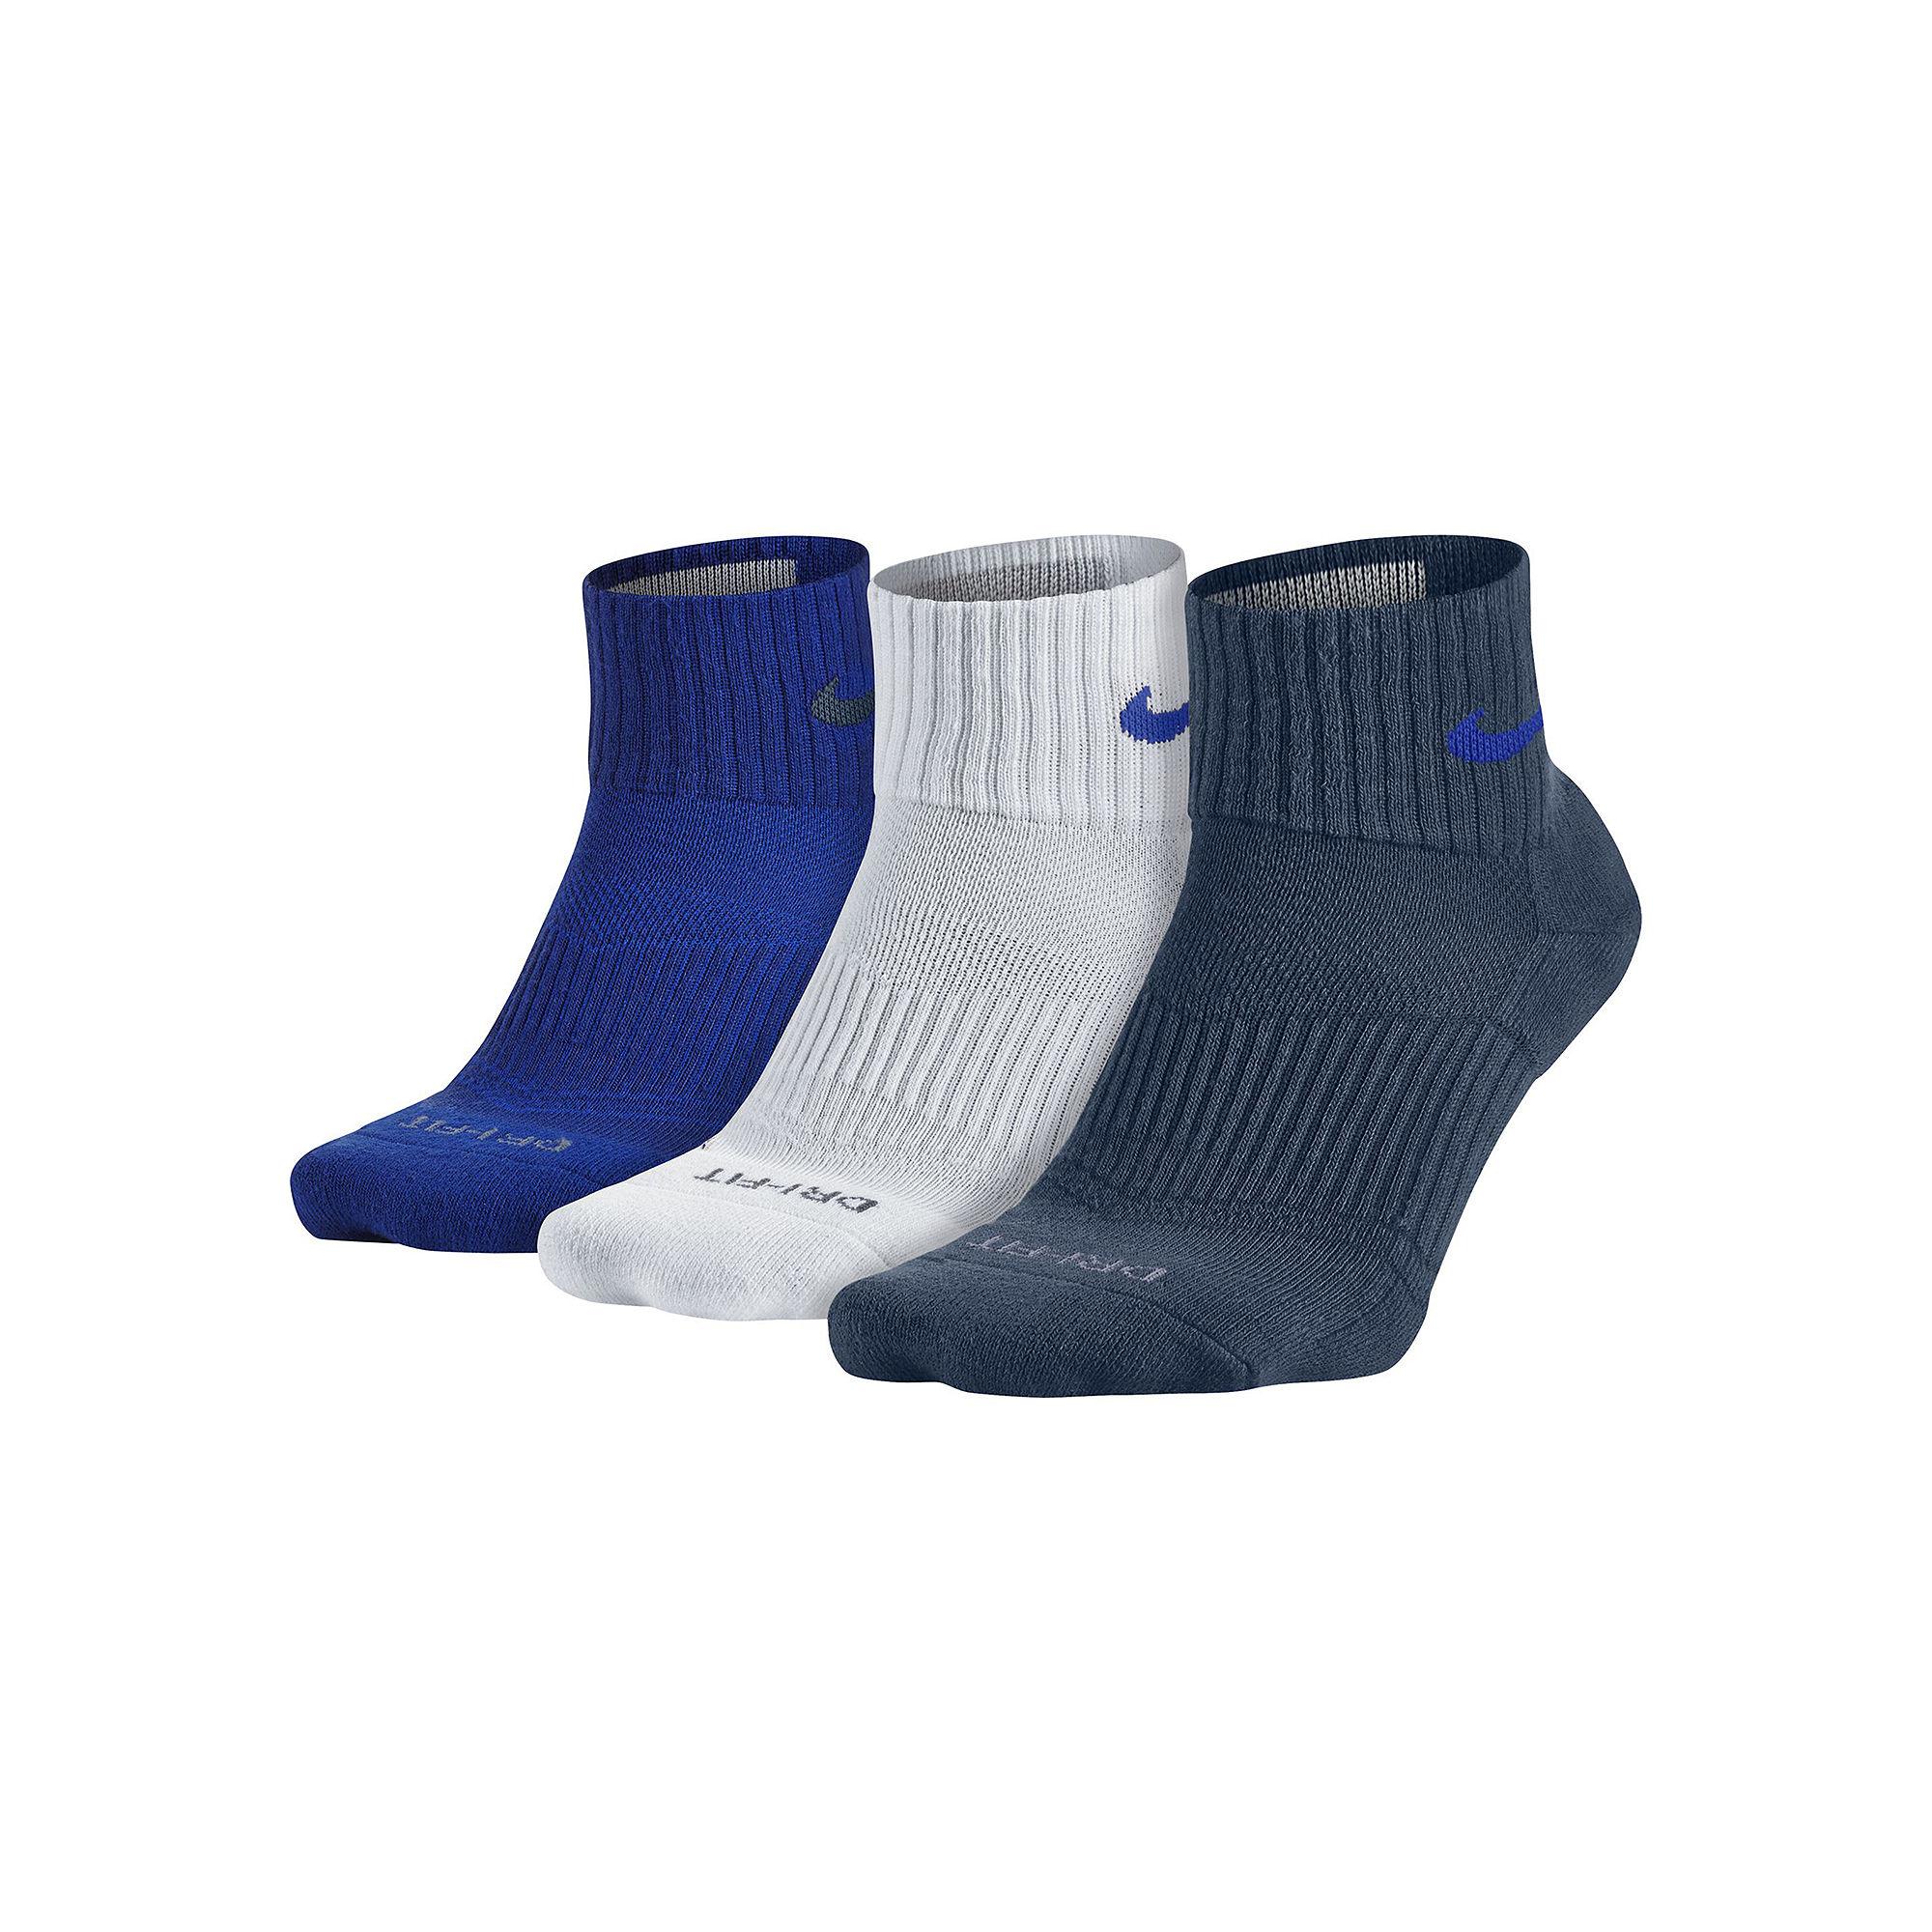 upc 888409179905 nike 3 pk dri fit quarter socks. Black Bedroom Furniture Sets. Home Design Ideas